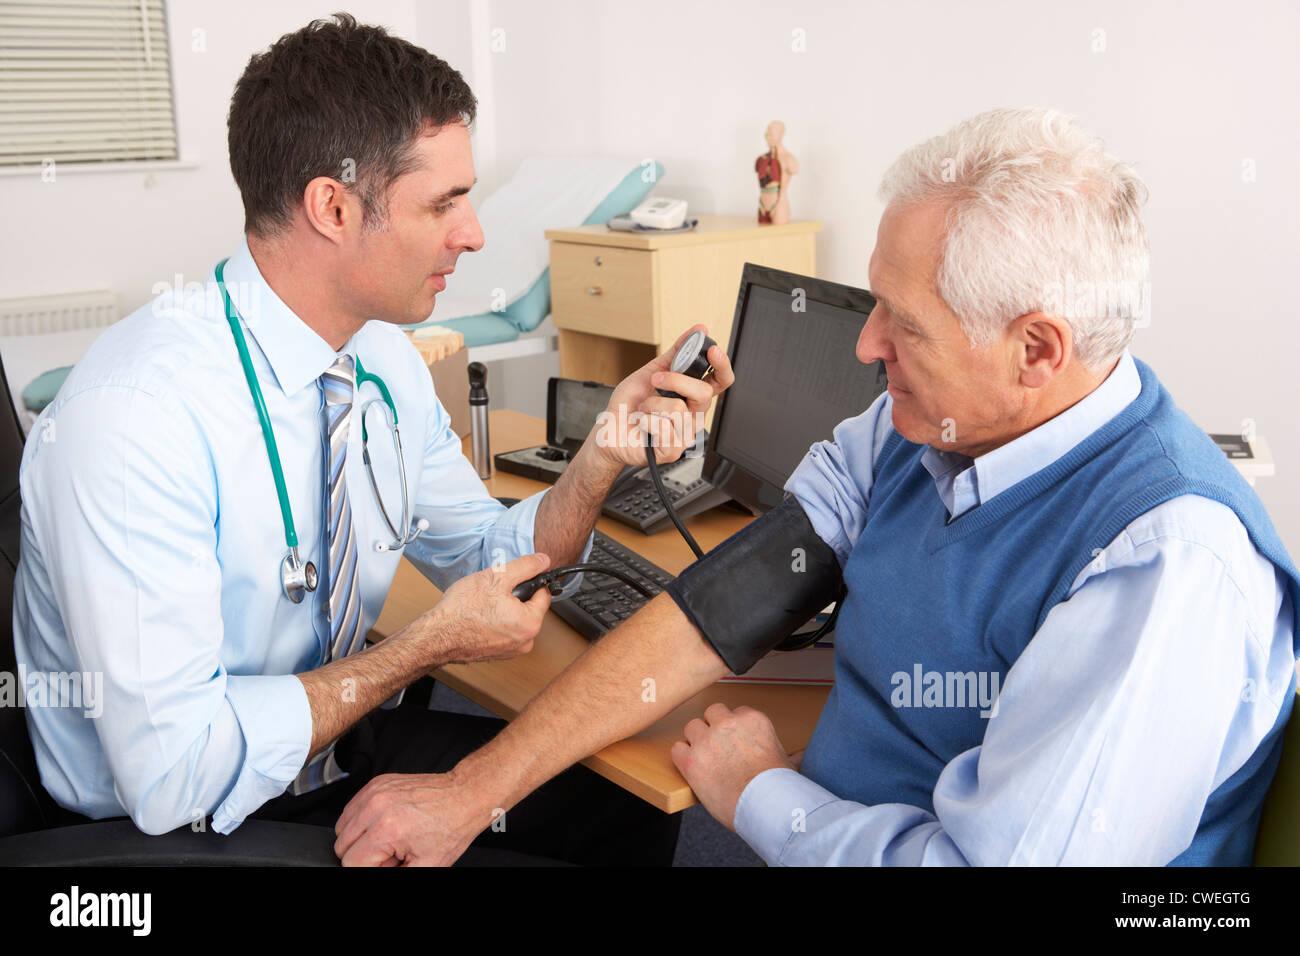 British doctor taking senior man's blood pressure - Stock Image